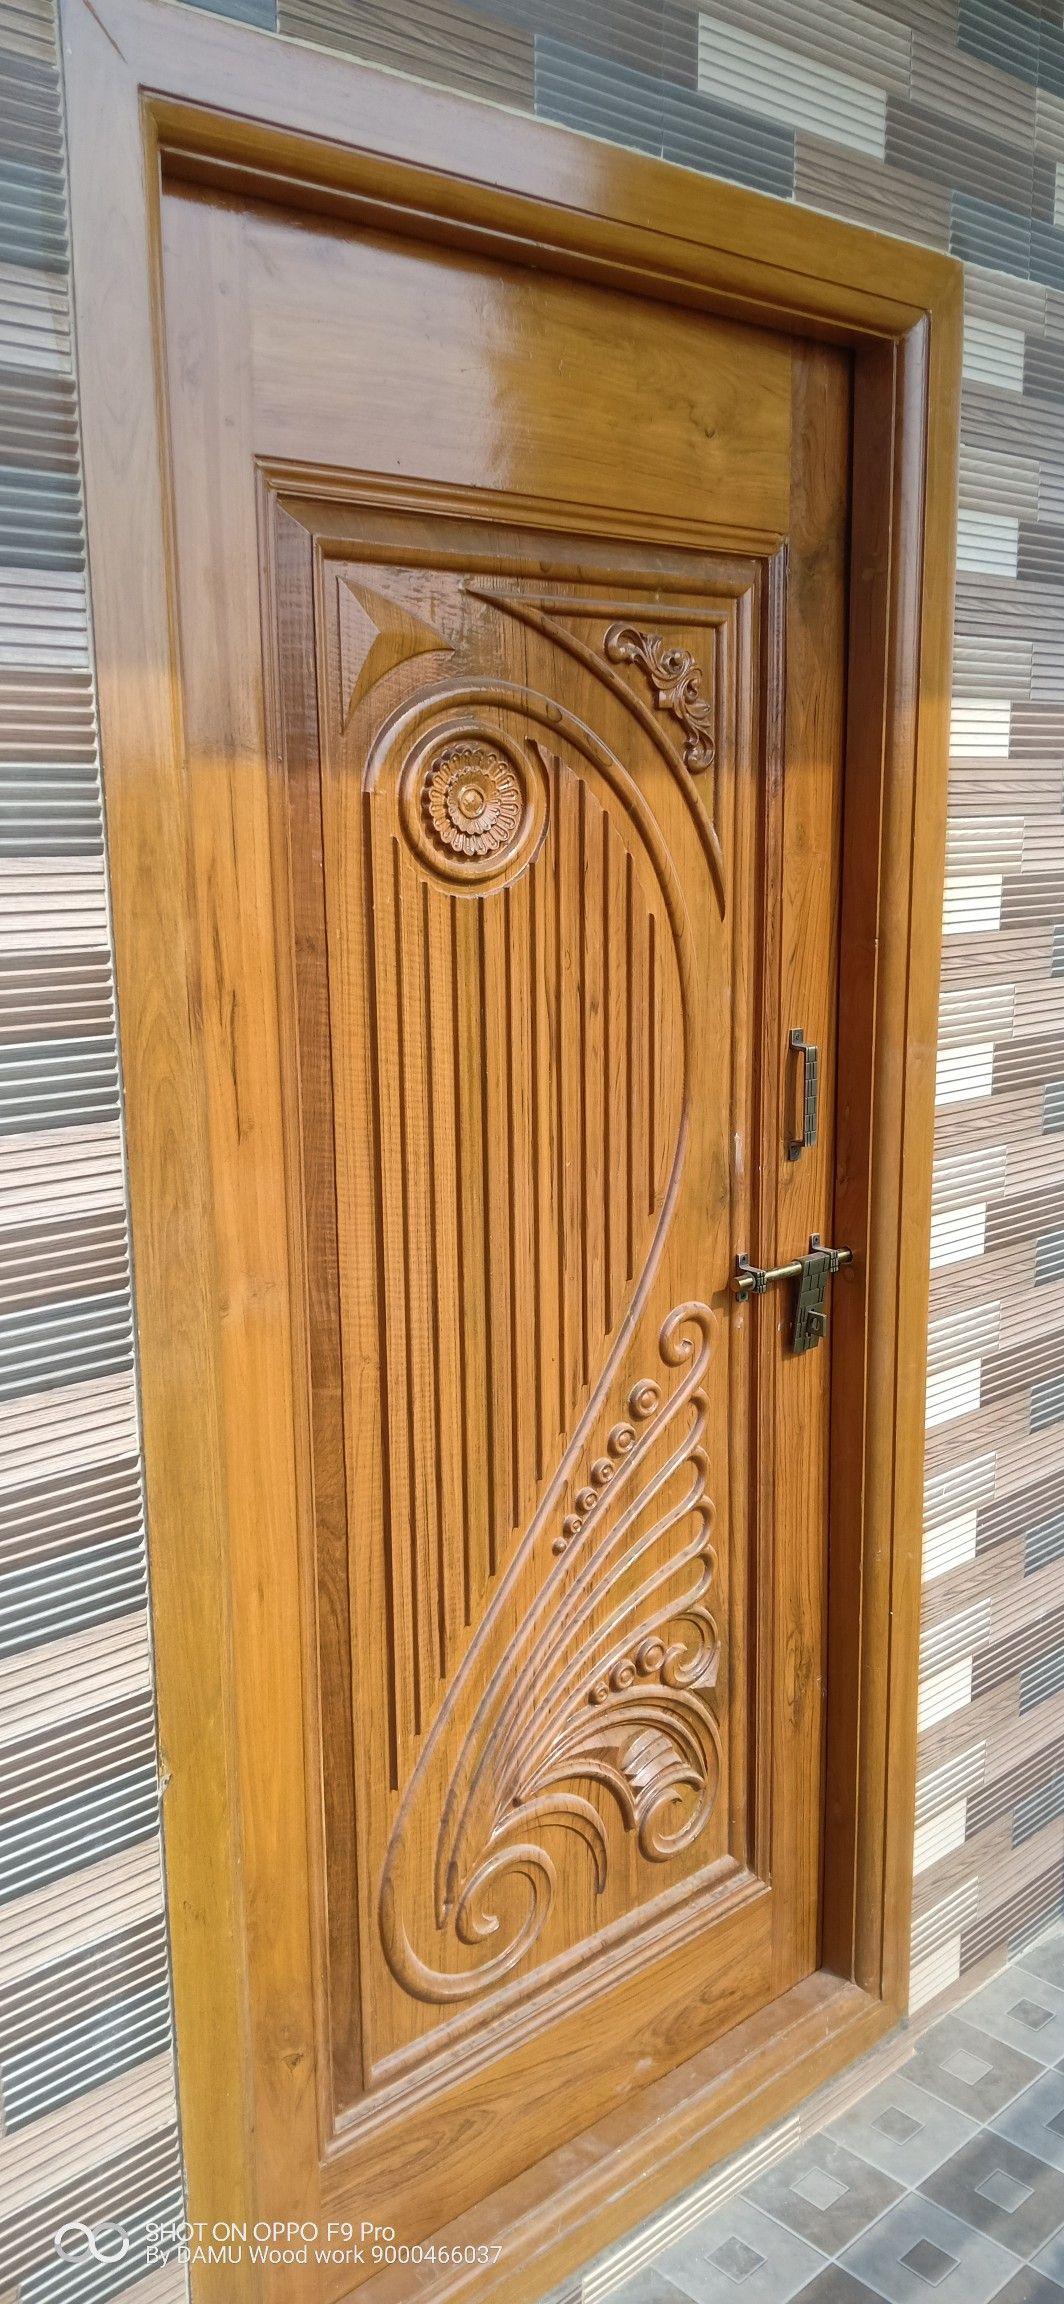 Pin By Gia Chavchavadze On Mebel Front Door Design Wood Wooden